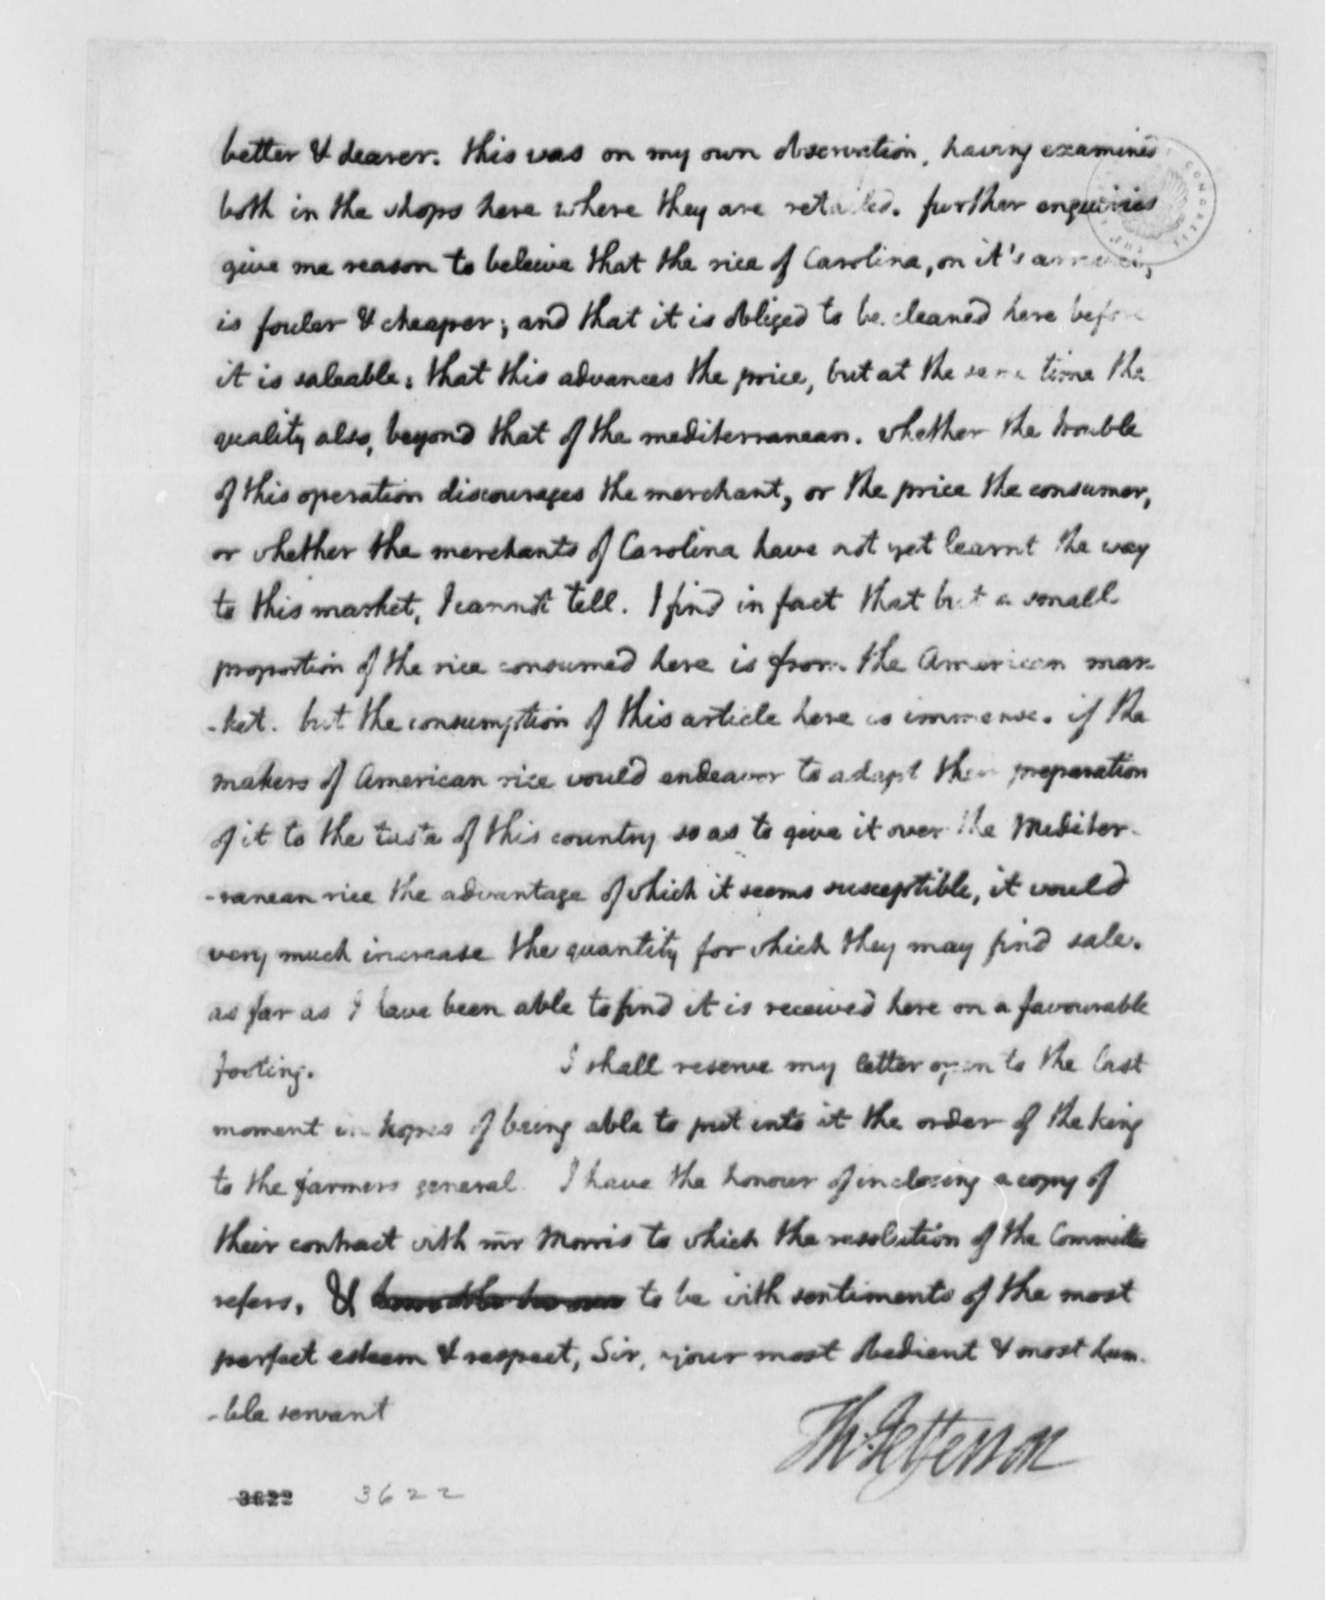 Thomas Jefferson to John Jay, May 27, 1786